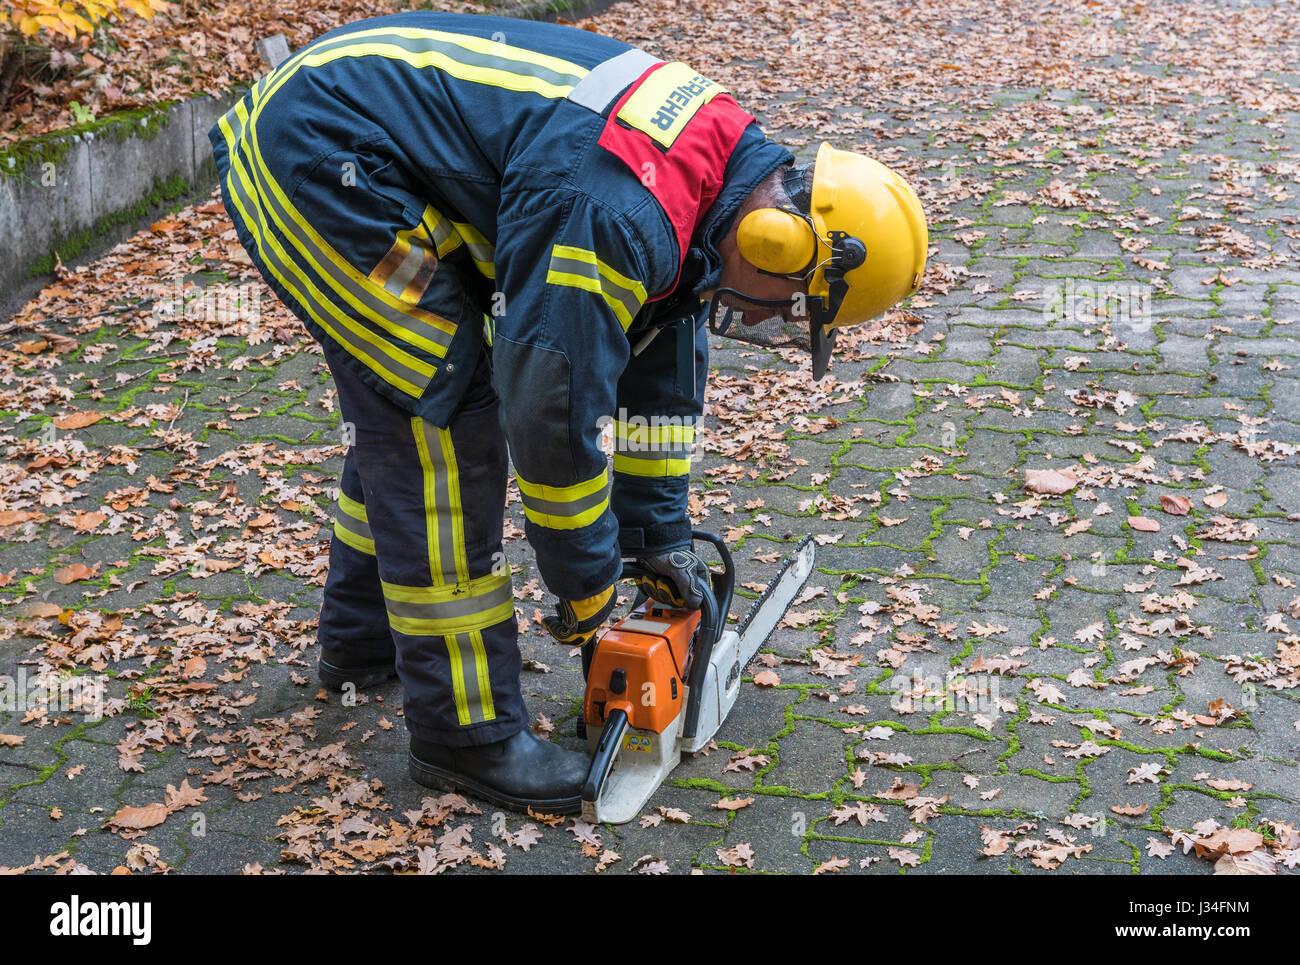 Deutscher Feuerwehrmann im Einsatz im Freien mit Kettensäge Stockbild